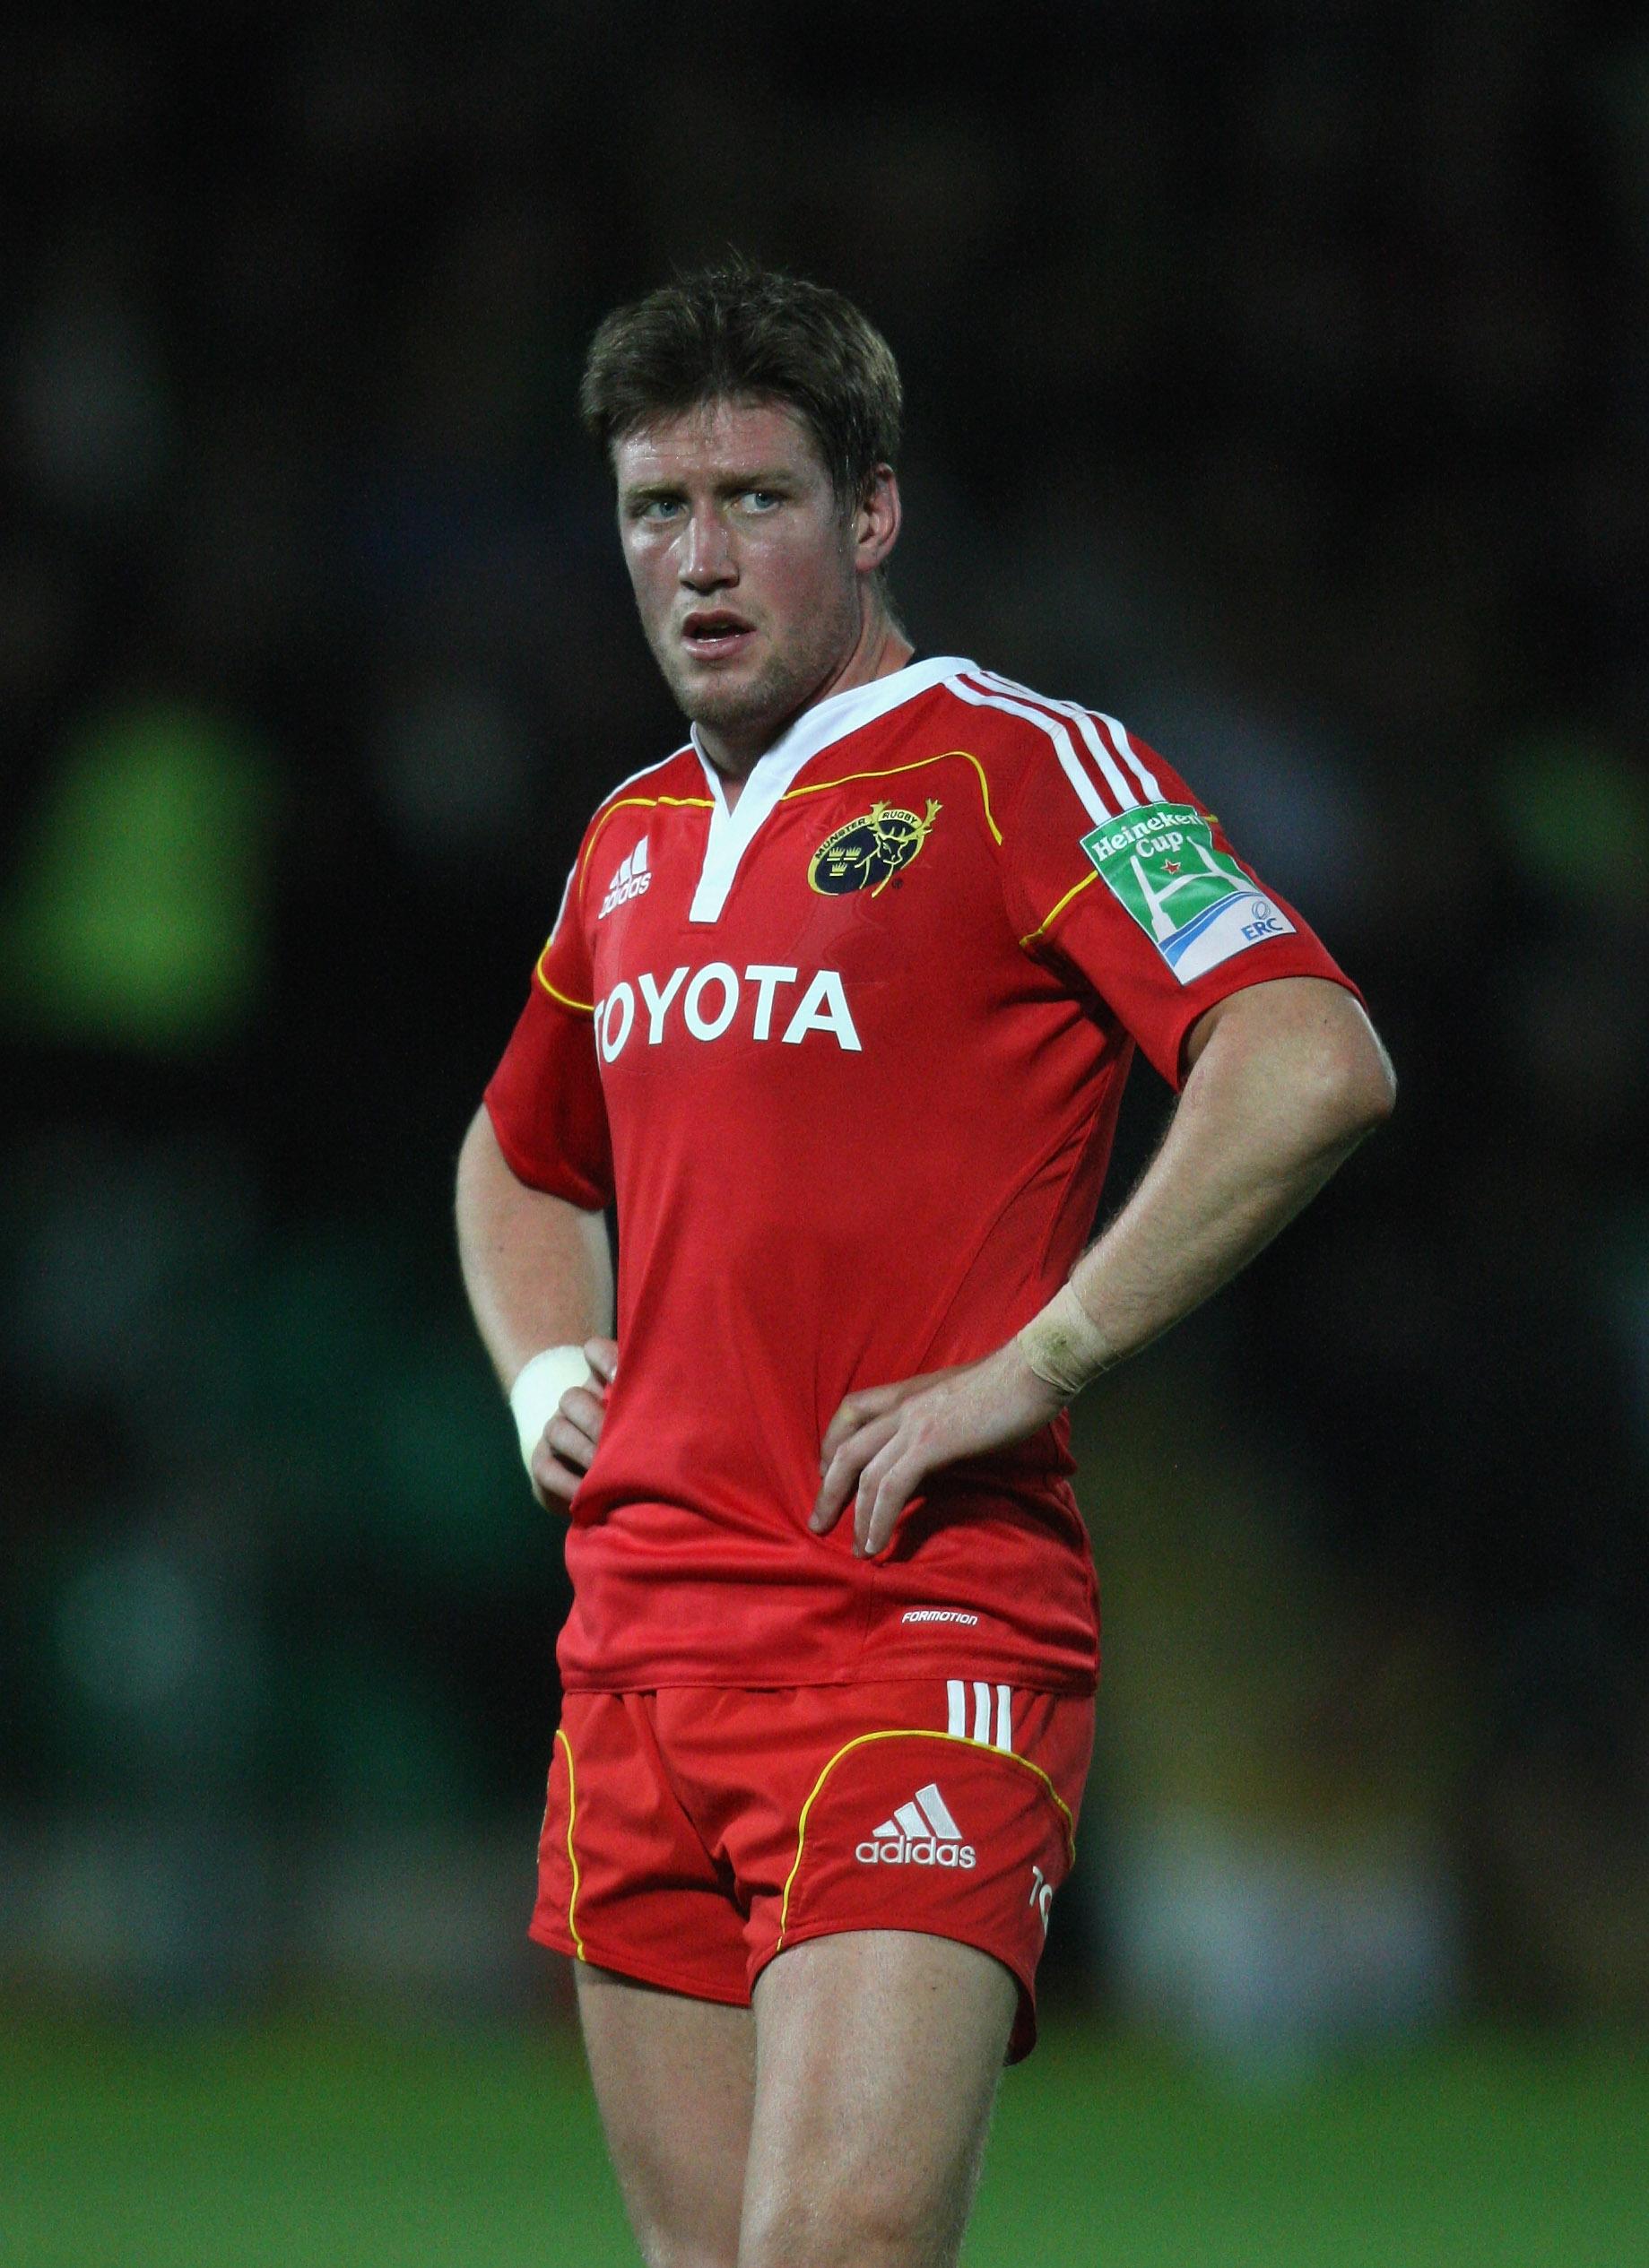 2010 - Ronan O'Gara